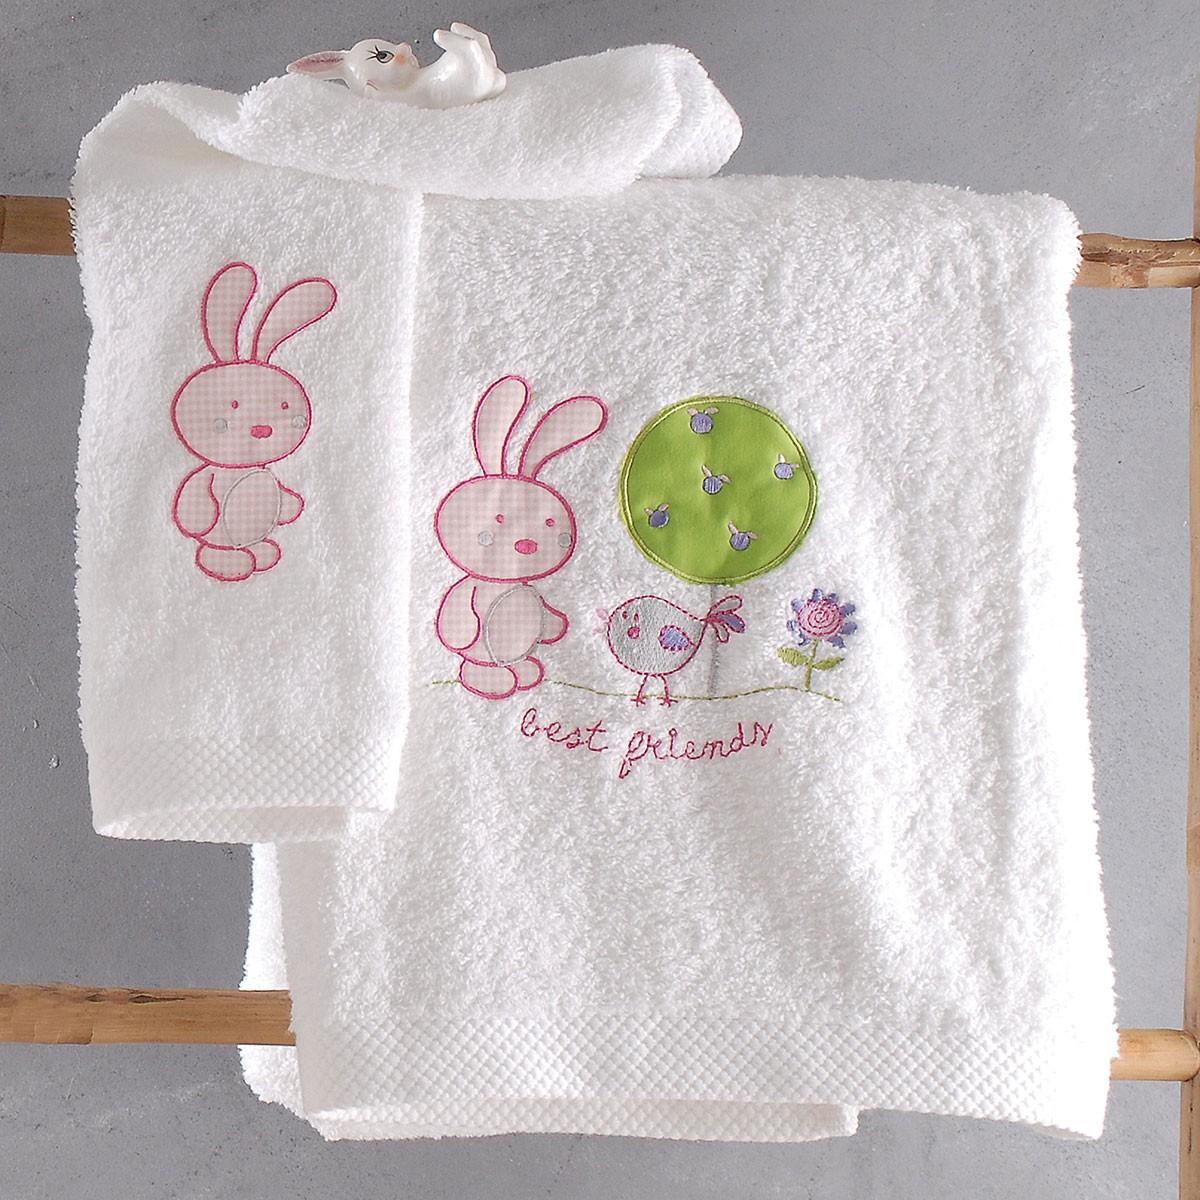 Βρεφικές Πετσέτες (Σετ 2τμχ) Rythmos Kids Sweet Summer Pink home   βρεφικά   πετσέτες βρεφικές